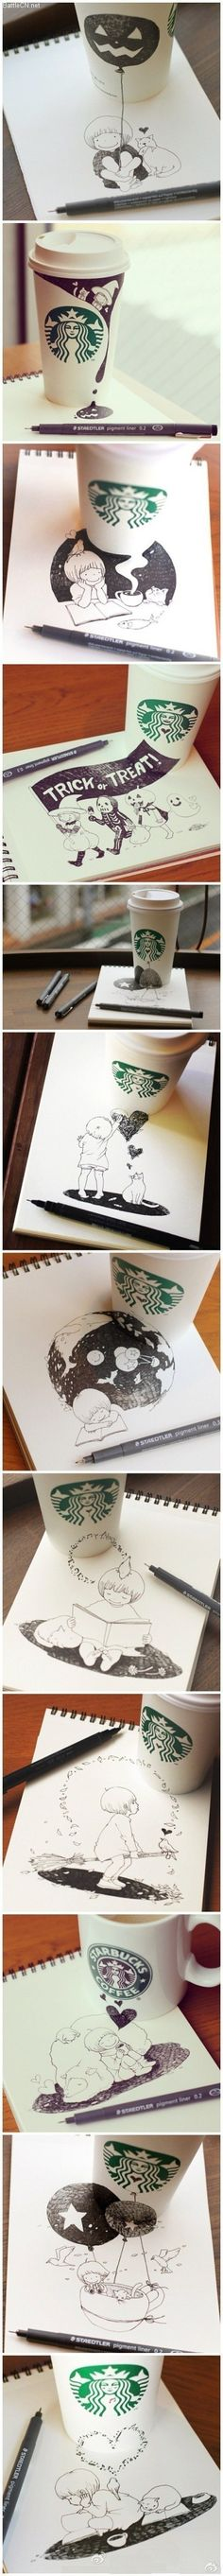 starbuck cup doodles